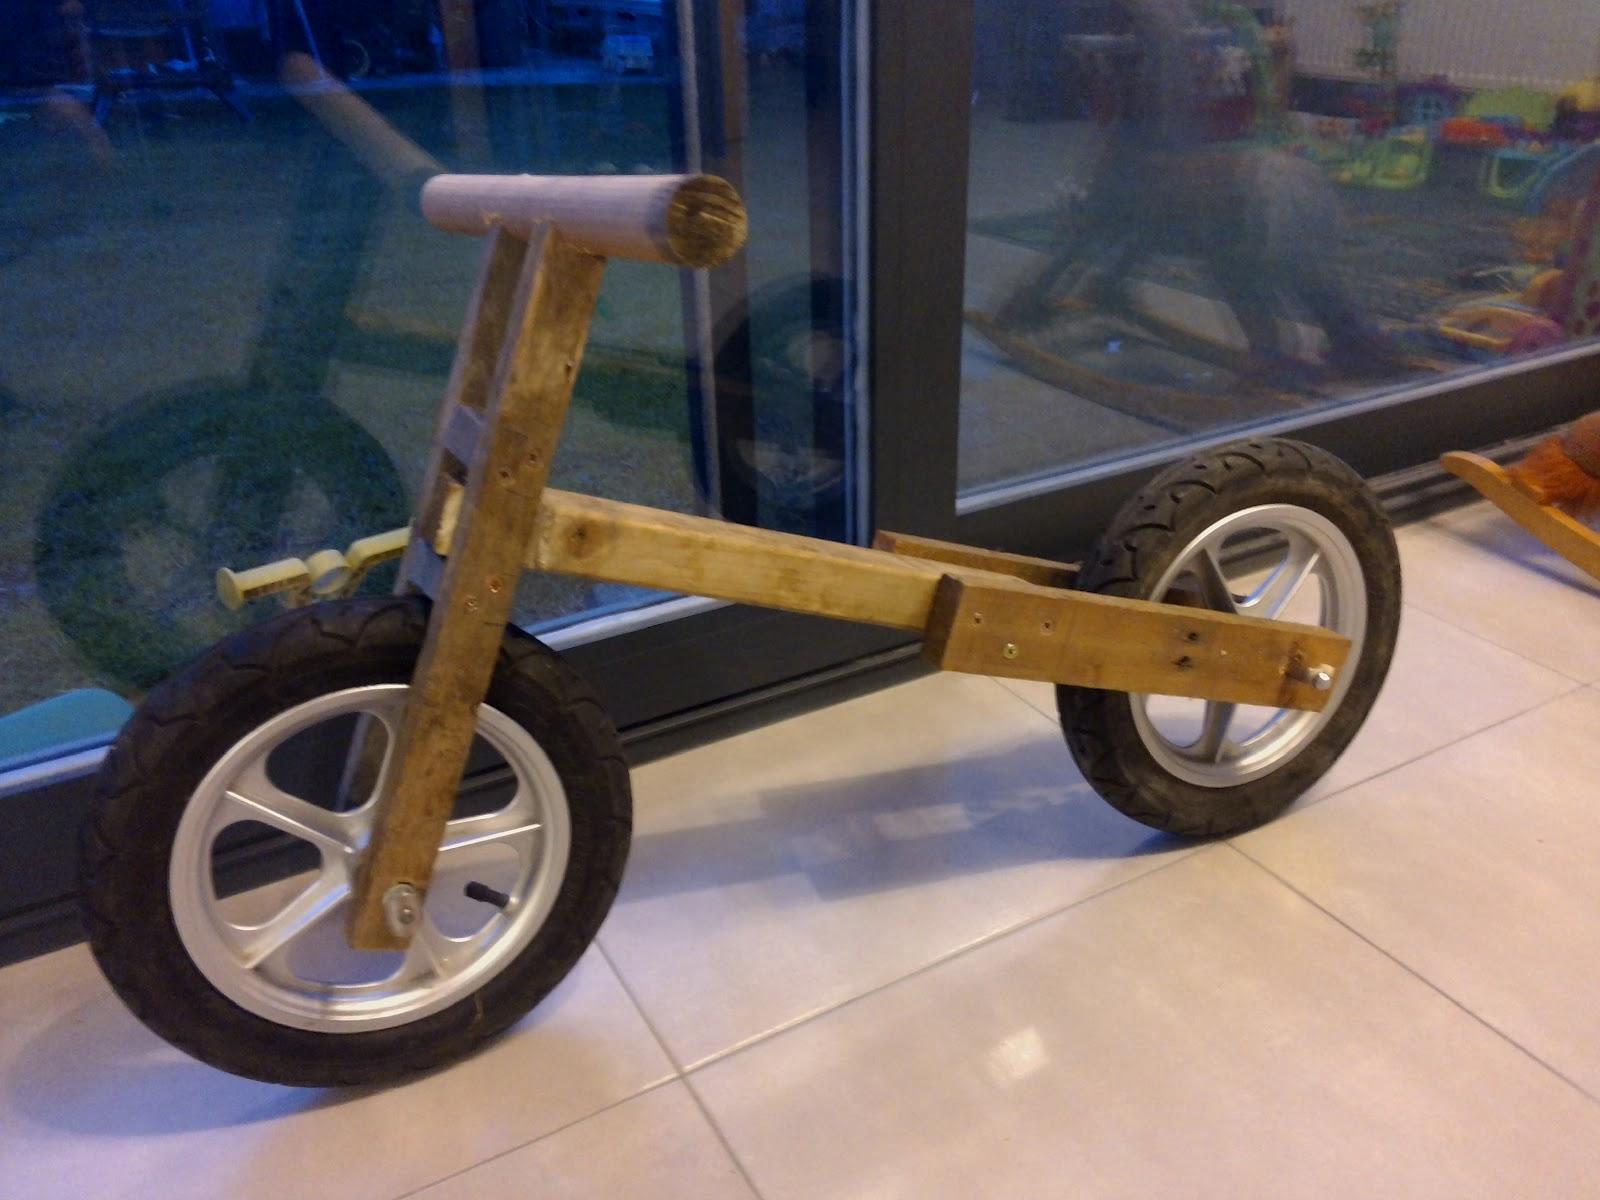 Bicky en zijn fietsen zelfbouw houten loopfietsje for Houten vijverbak maken